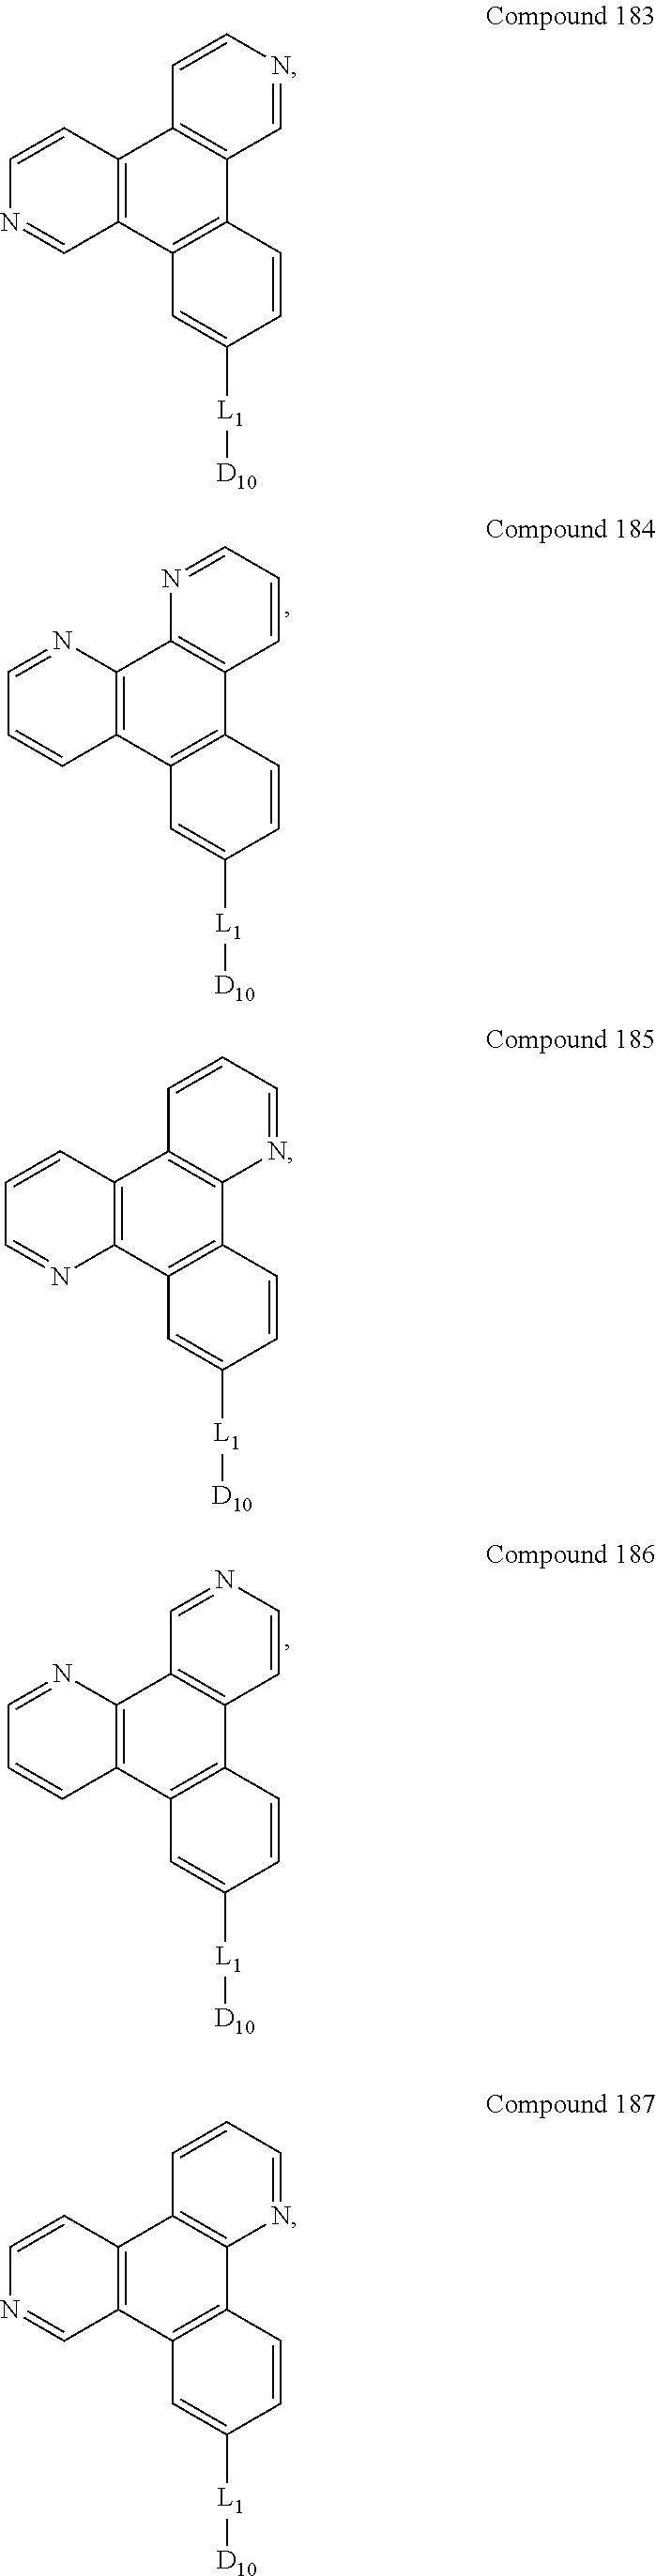 Figure US09537106-20170103-C00615